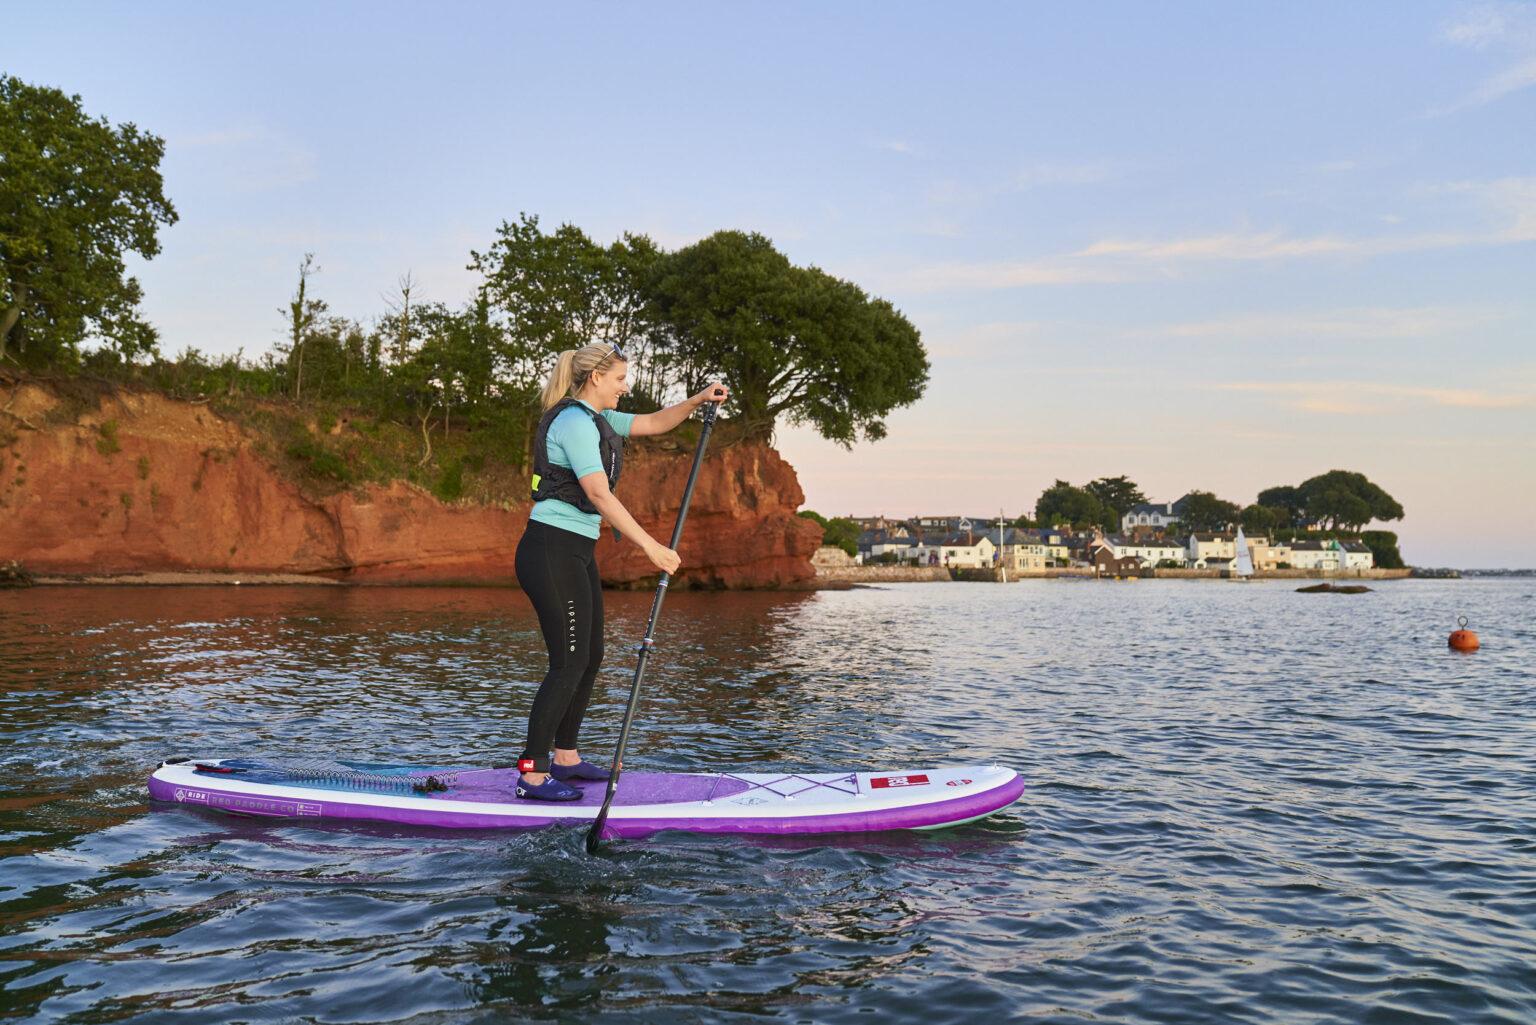 Red Paddle Board Co Ride 10'6 paddeboard test, Lympstone Devon